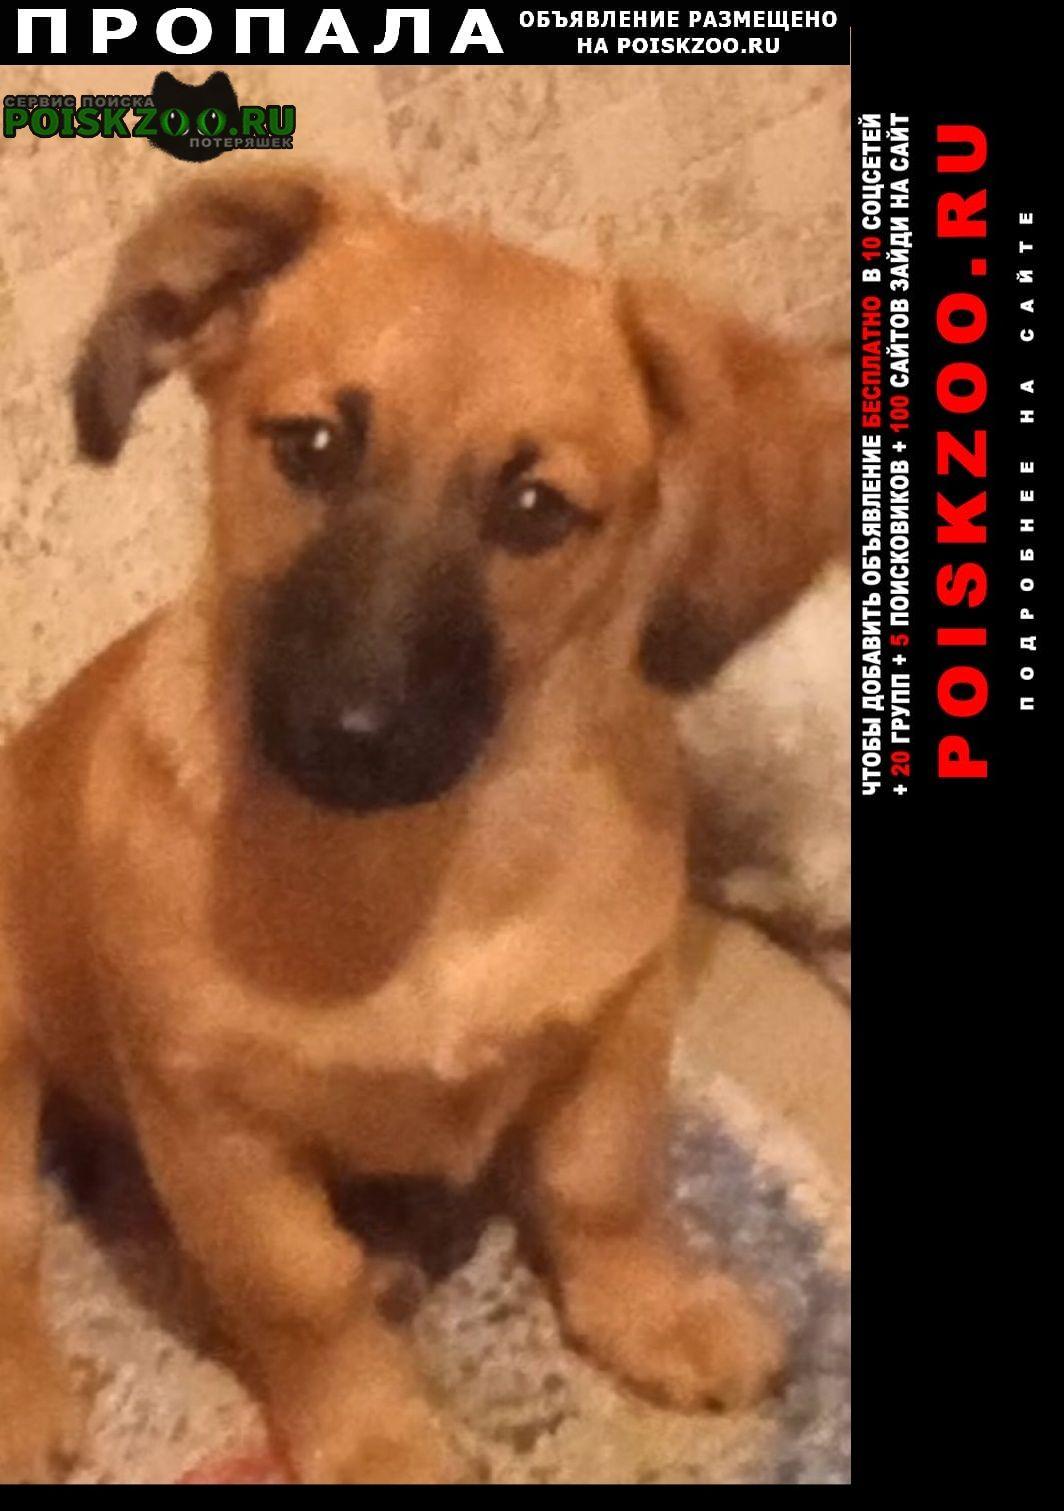 Пропала собака щенок Новосибирск